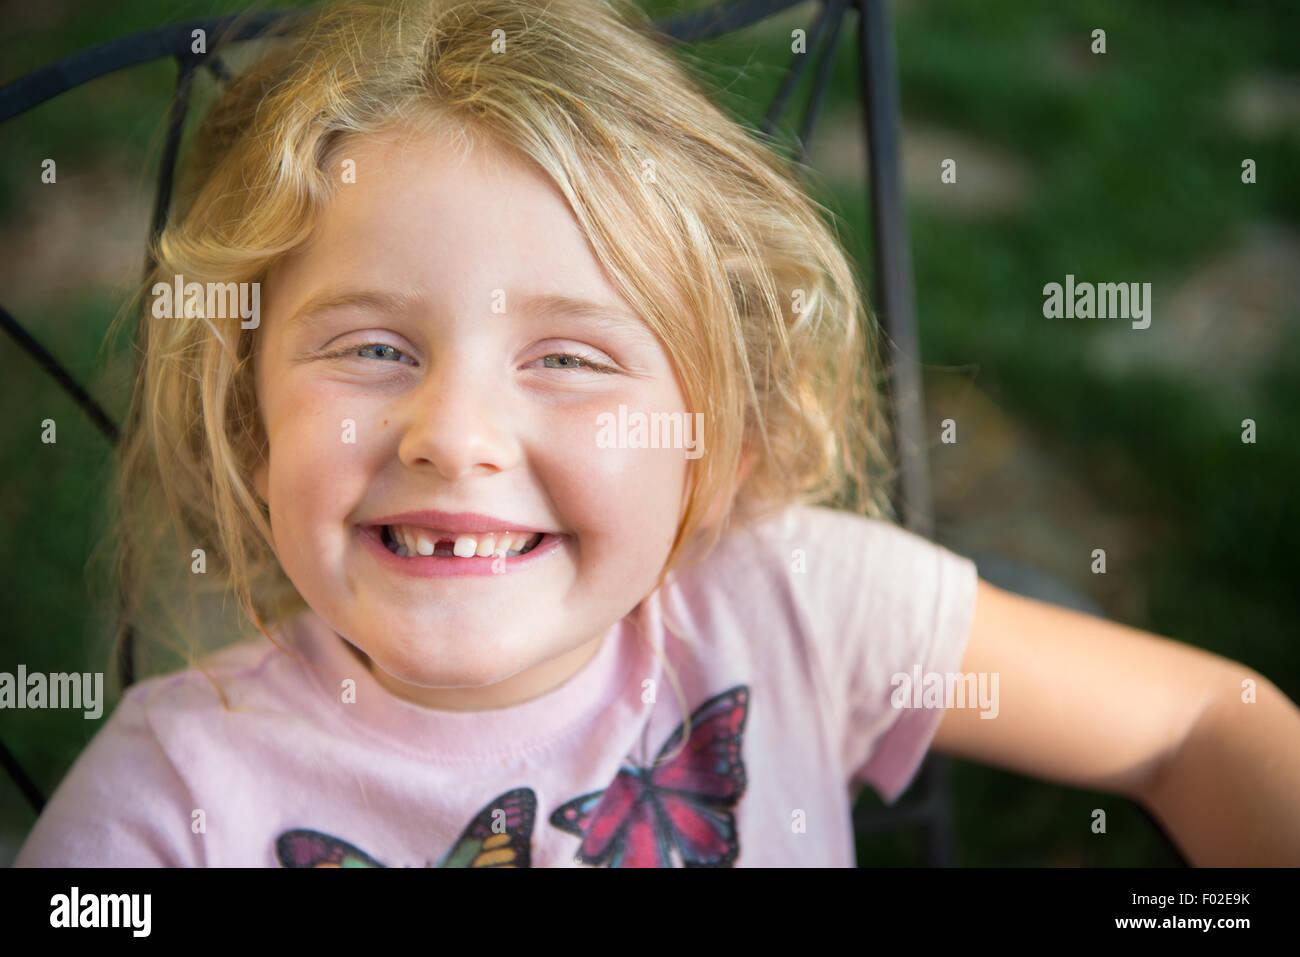 Retrato de una chica con gran sonrisa Imagen De Stock